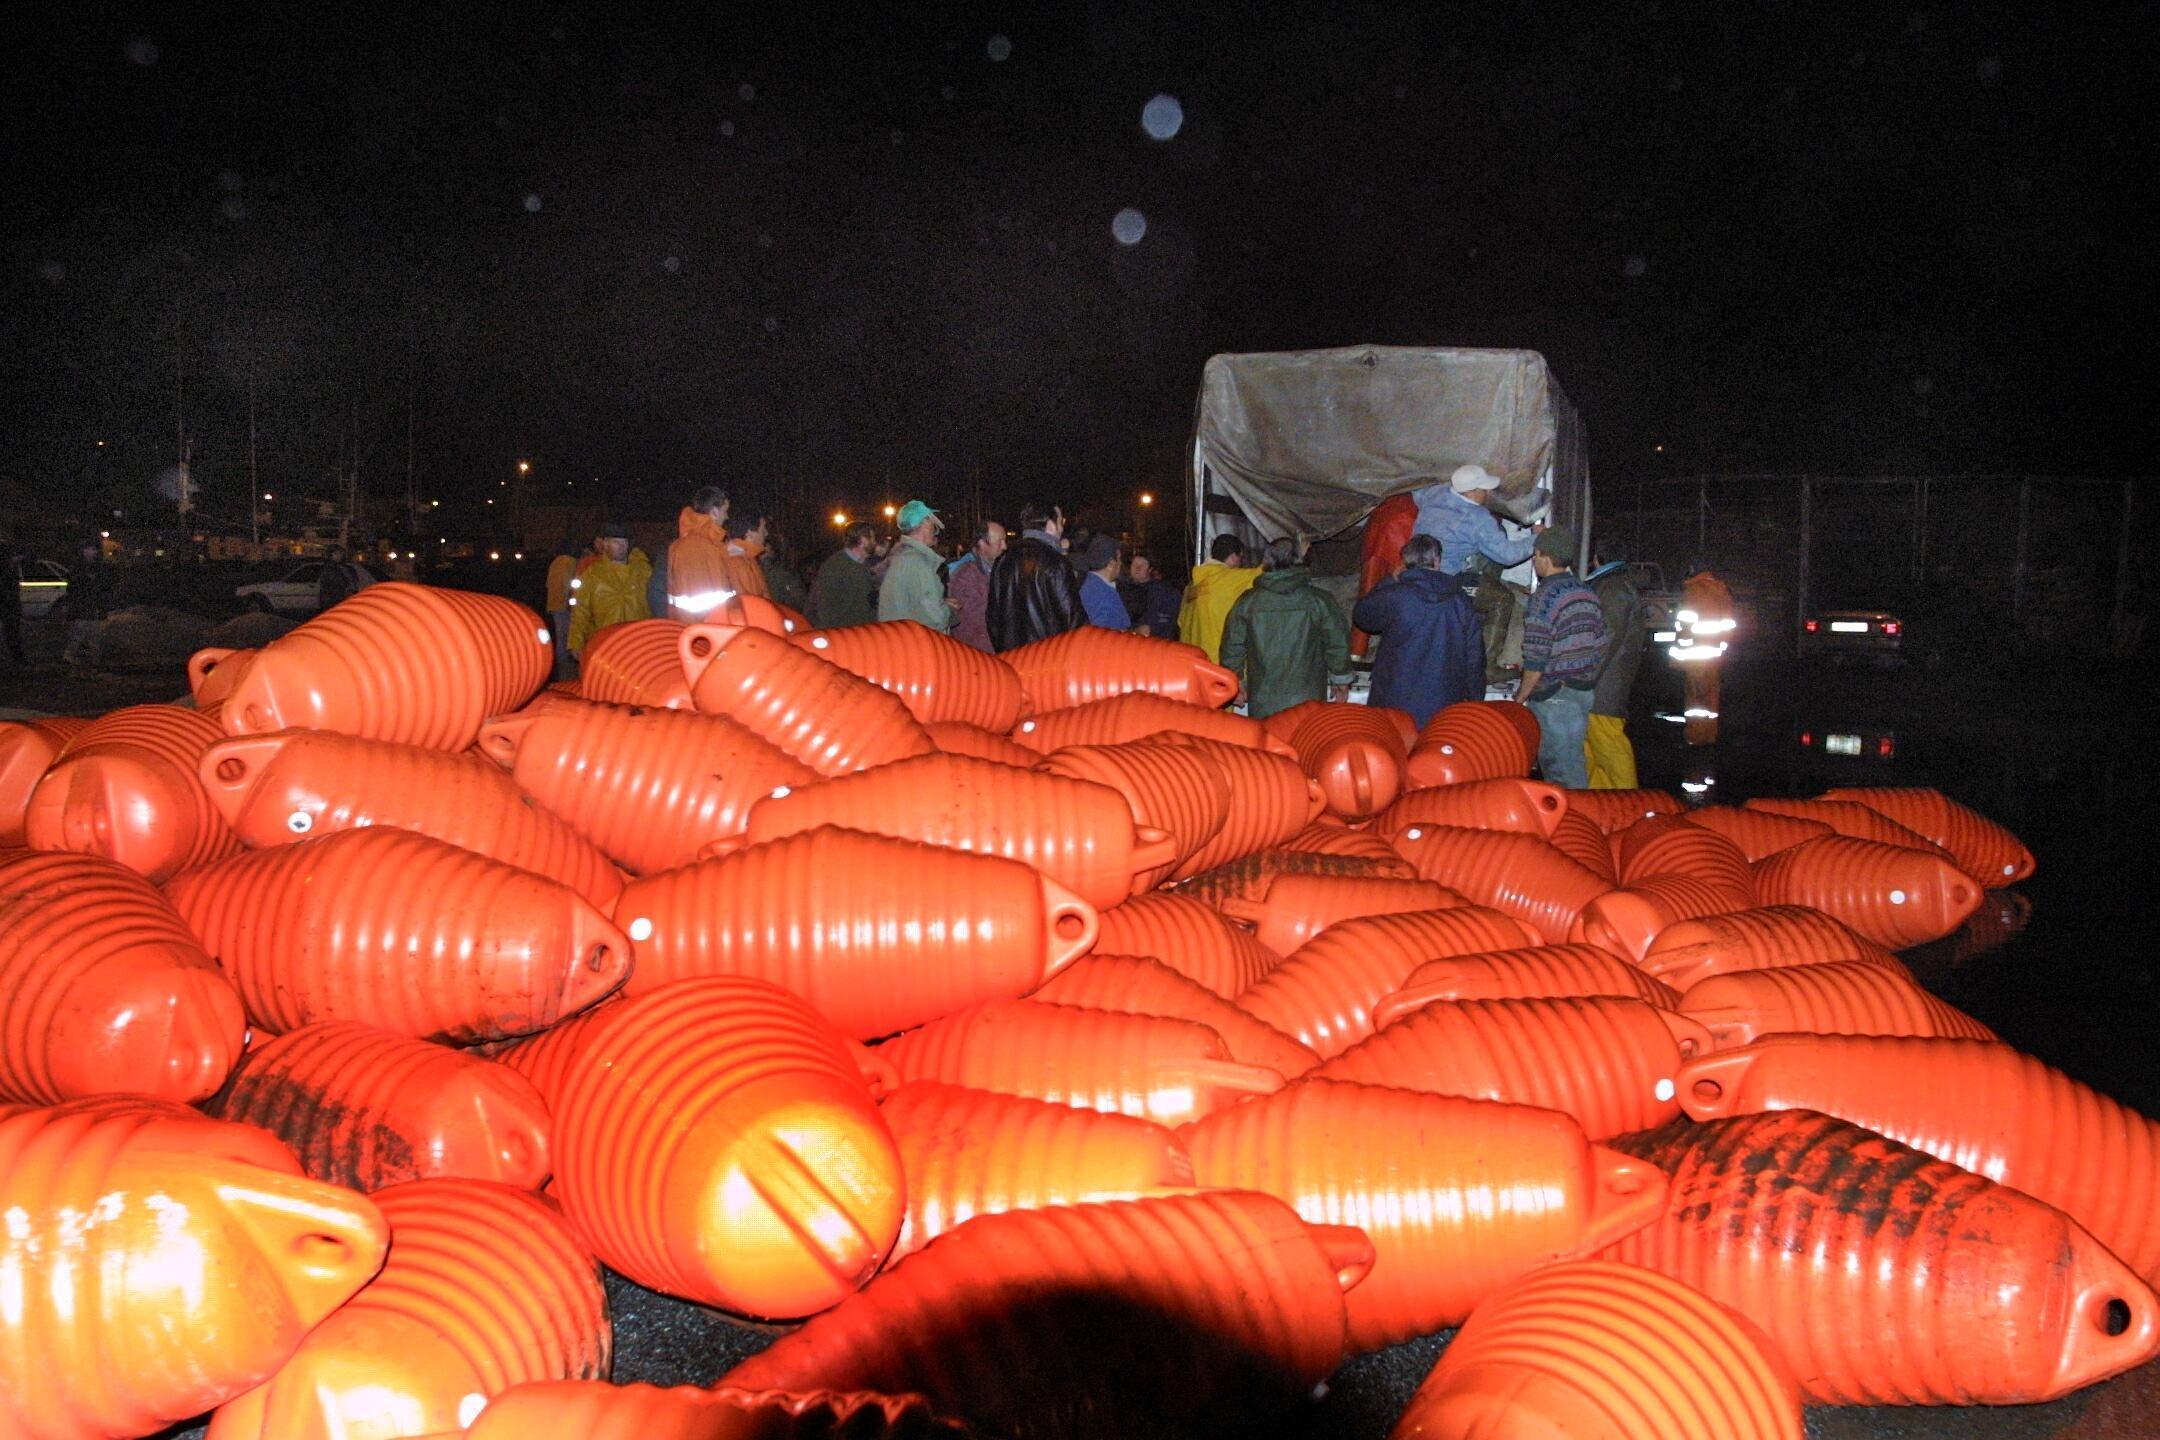 Los pescadores de Portosín trabajaron hasta altas horas de la noche en la elaboración de barreras.<br><b>Carmela Queijeiro</b>